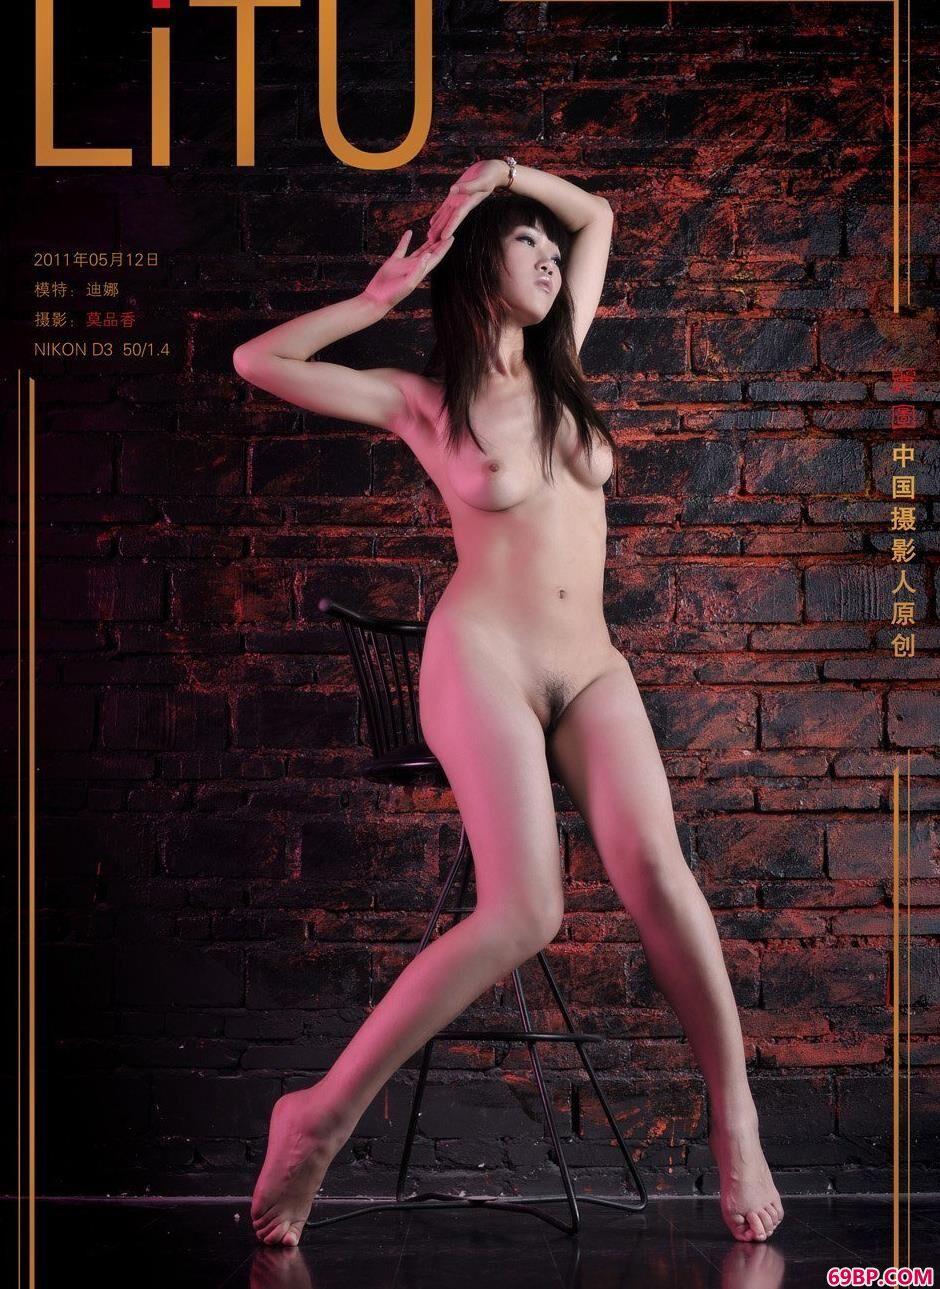 裸模迪娜地下室内的丰腴人体_郎玉人体